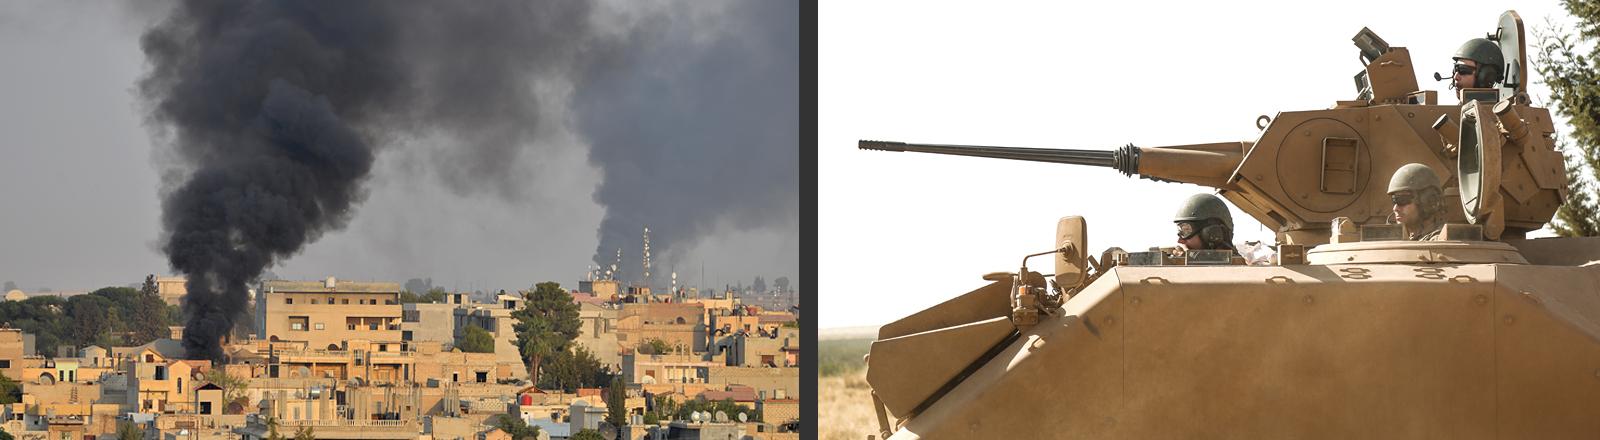 Türkische Soldaten in einem Panzer, Rauch steigt aus einem Dorf auf.